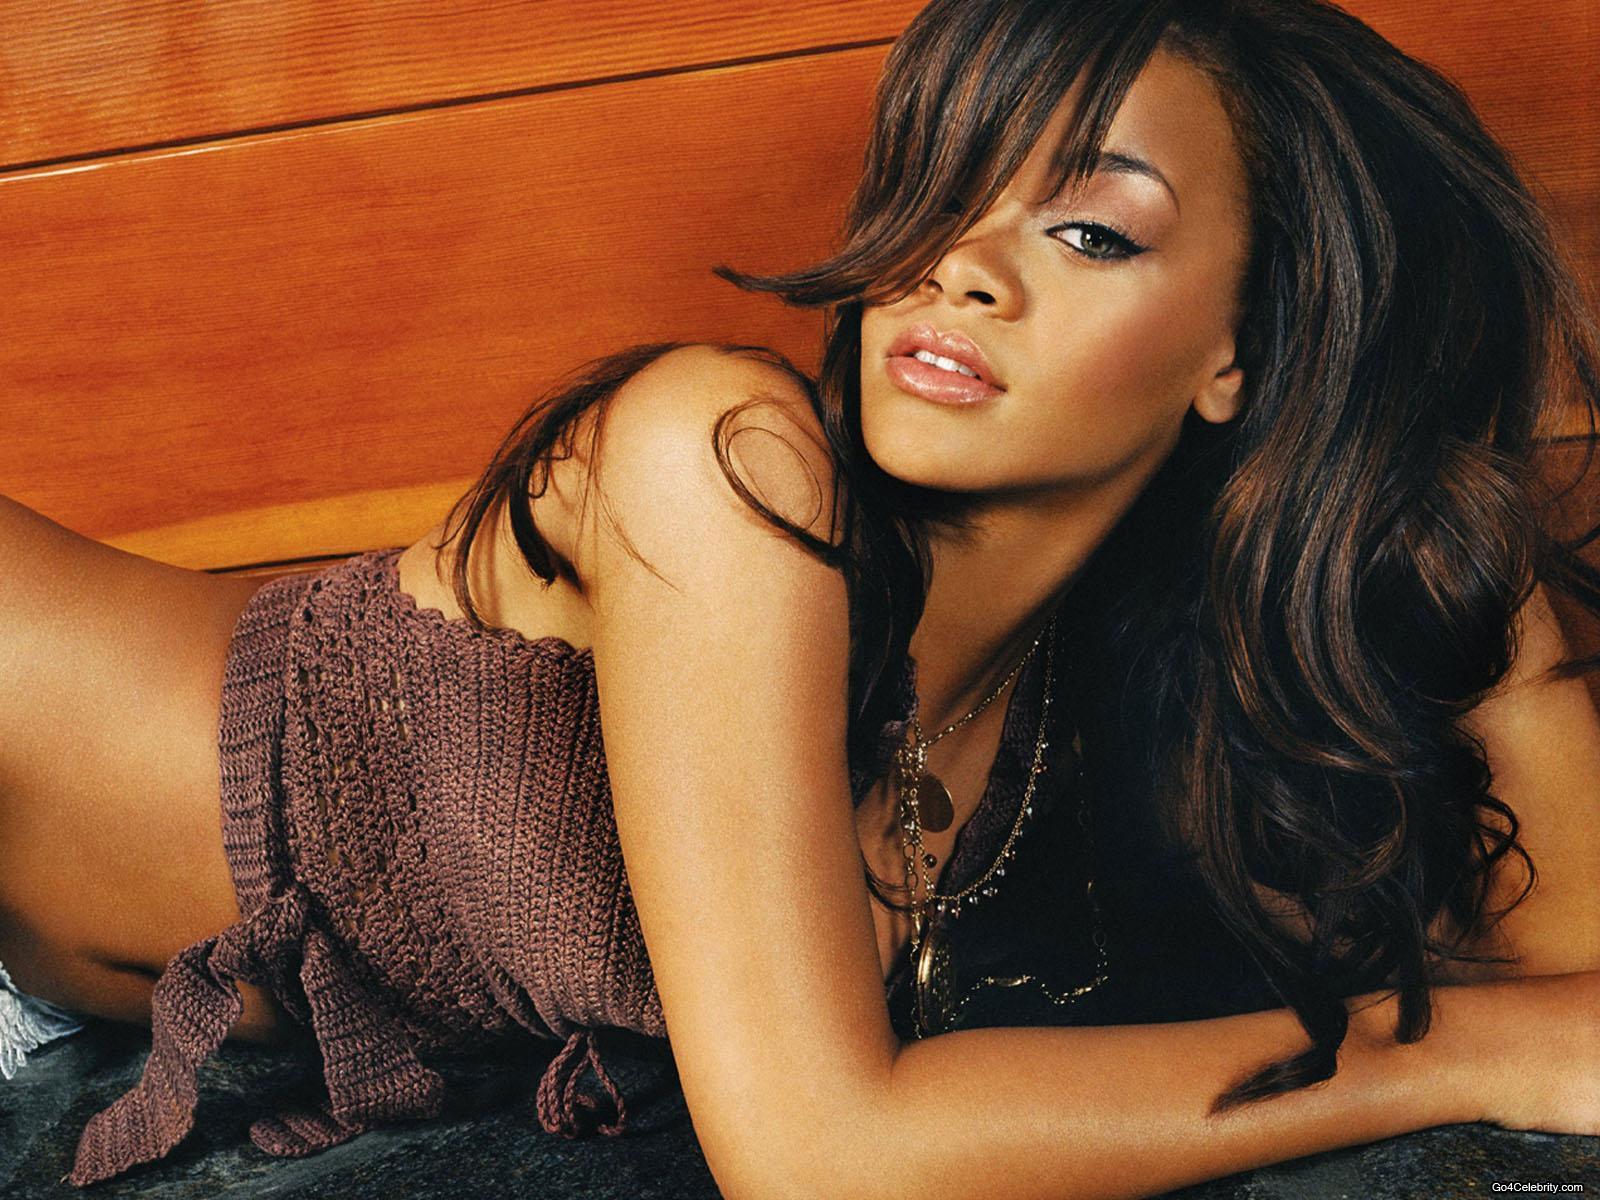 http://1.bp.blogspot.com/_CsMq7Ga9XwA/TTK9B_UnmlI/AAAAAAAABMI/-4cUJz02eUk/s1600/Rihanna--i104760.jpg